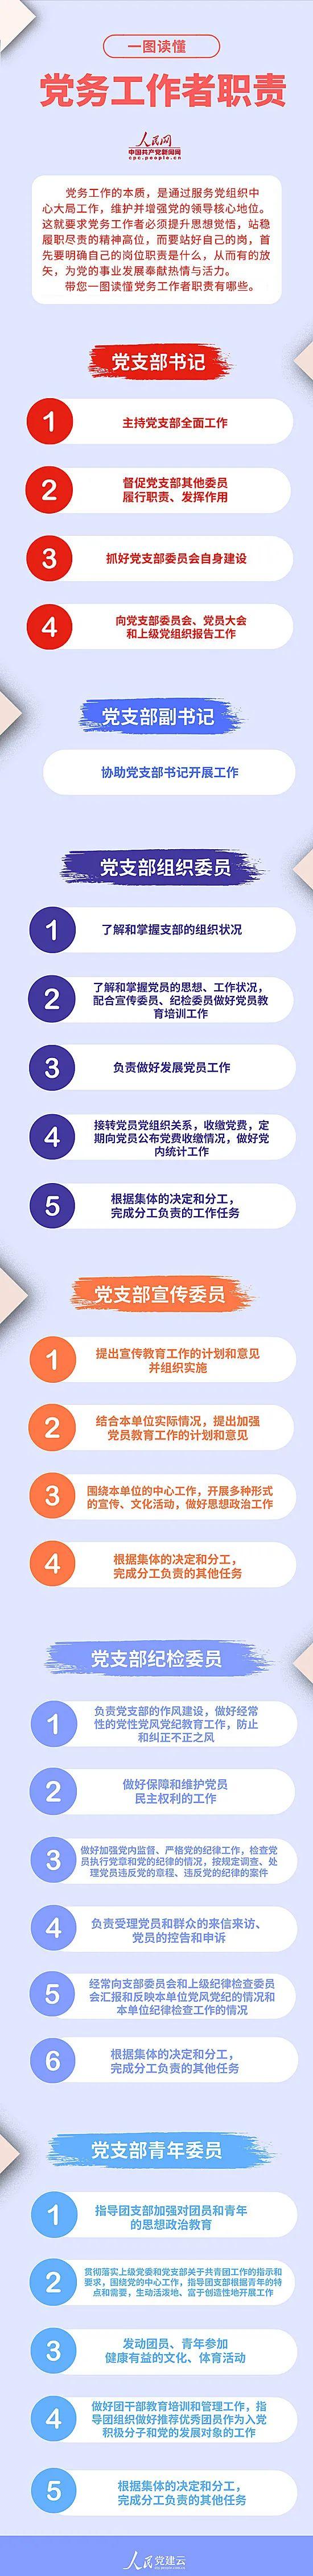 「赢咖3官网」享|图解党建党务工赢咖3官网作者职责图片